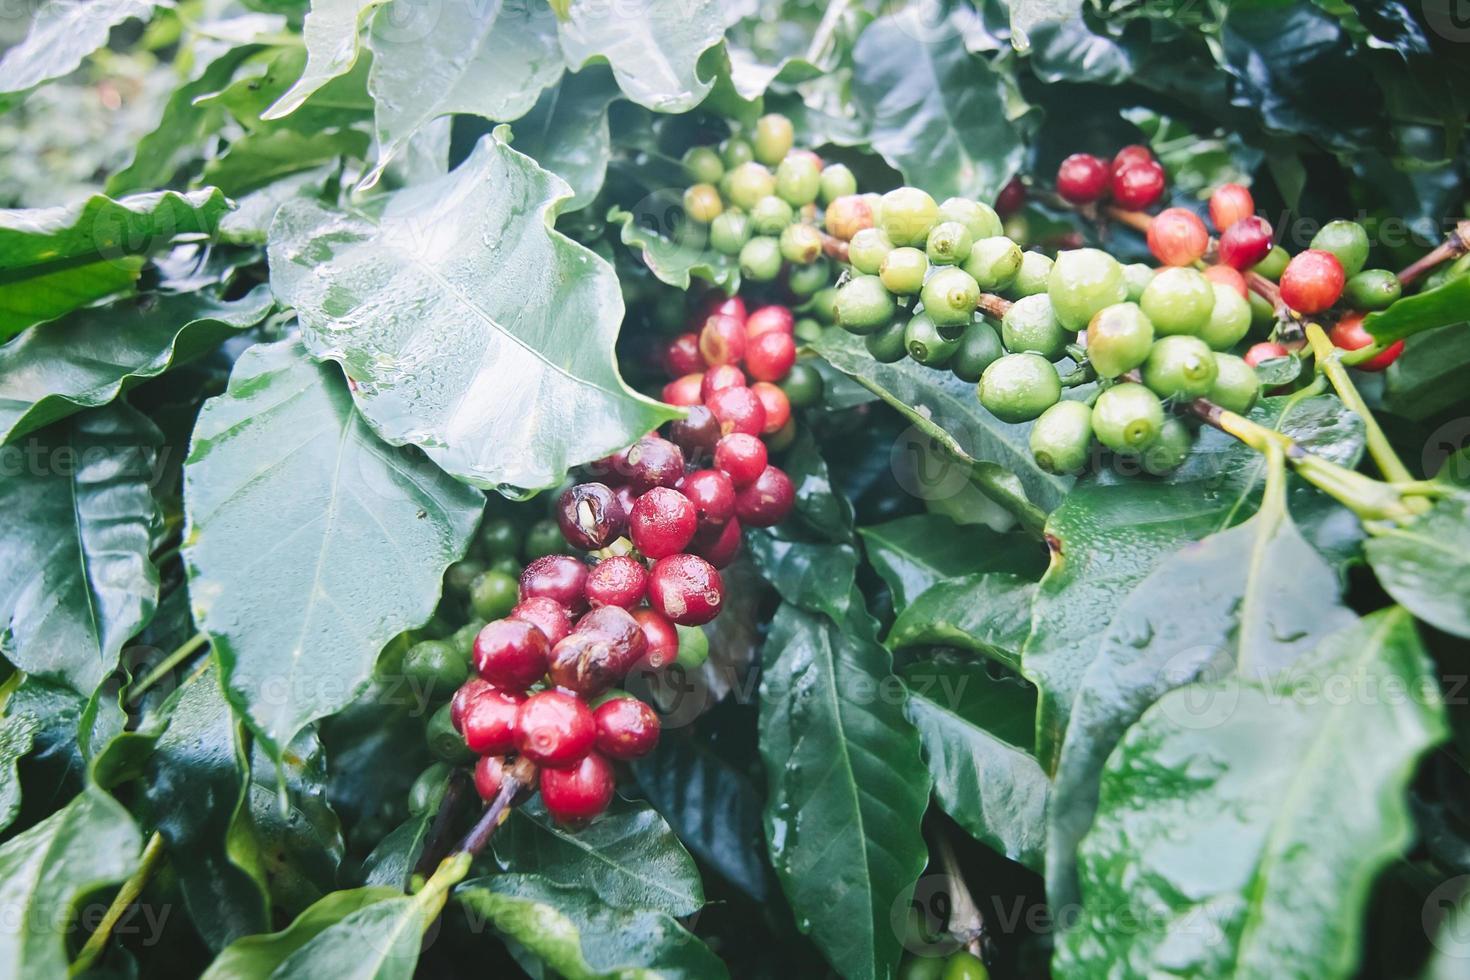 kaffeträd med mogna bär på gården. foto